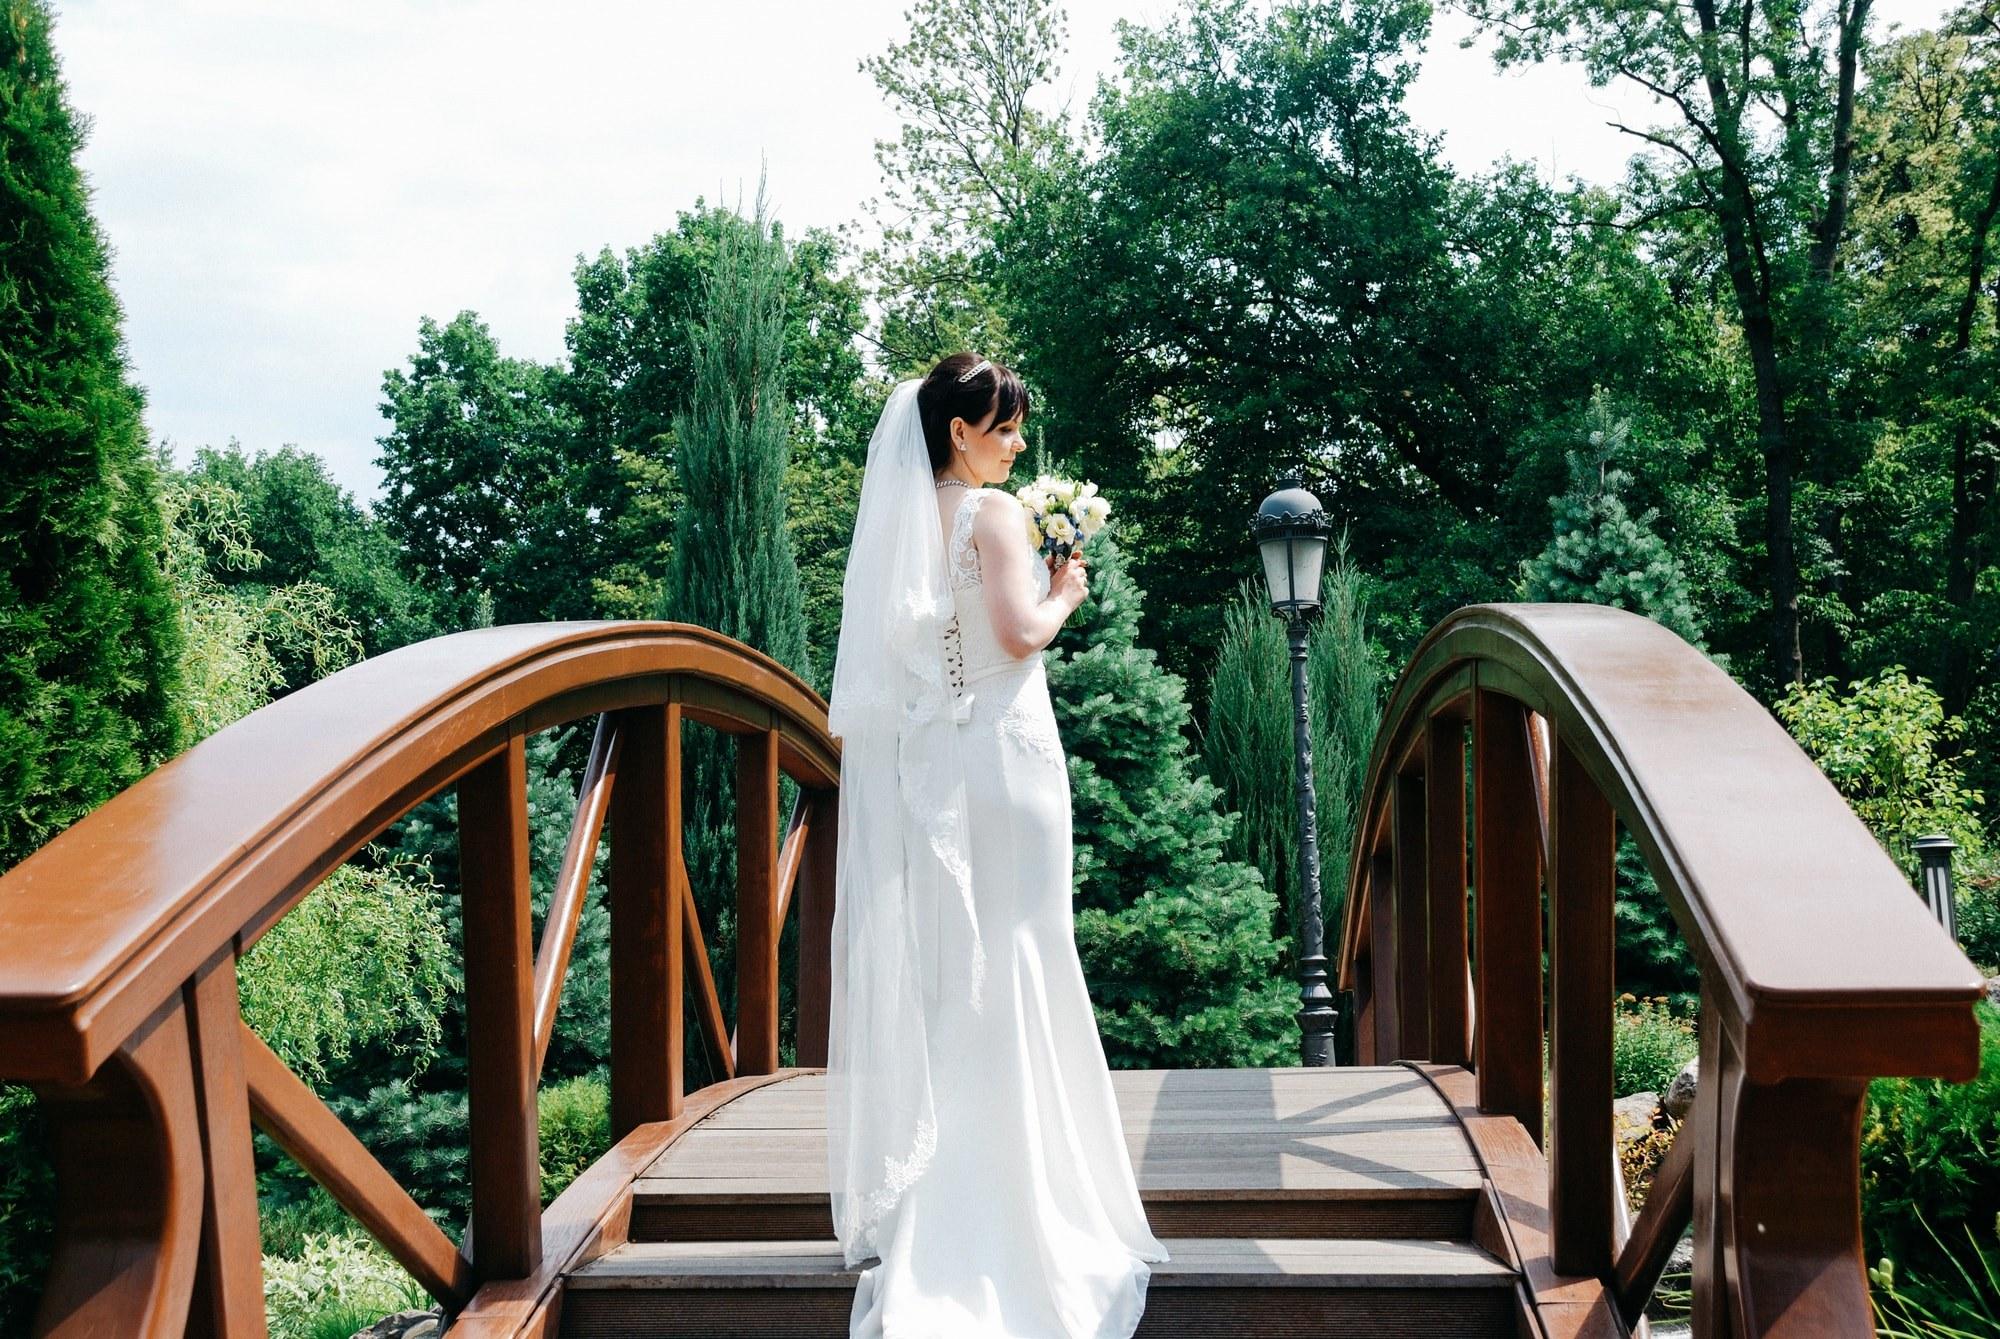 Фото невесты на мосту - Фотограф Киев - Женя Лайт